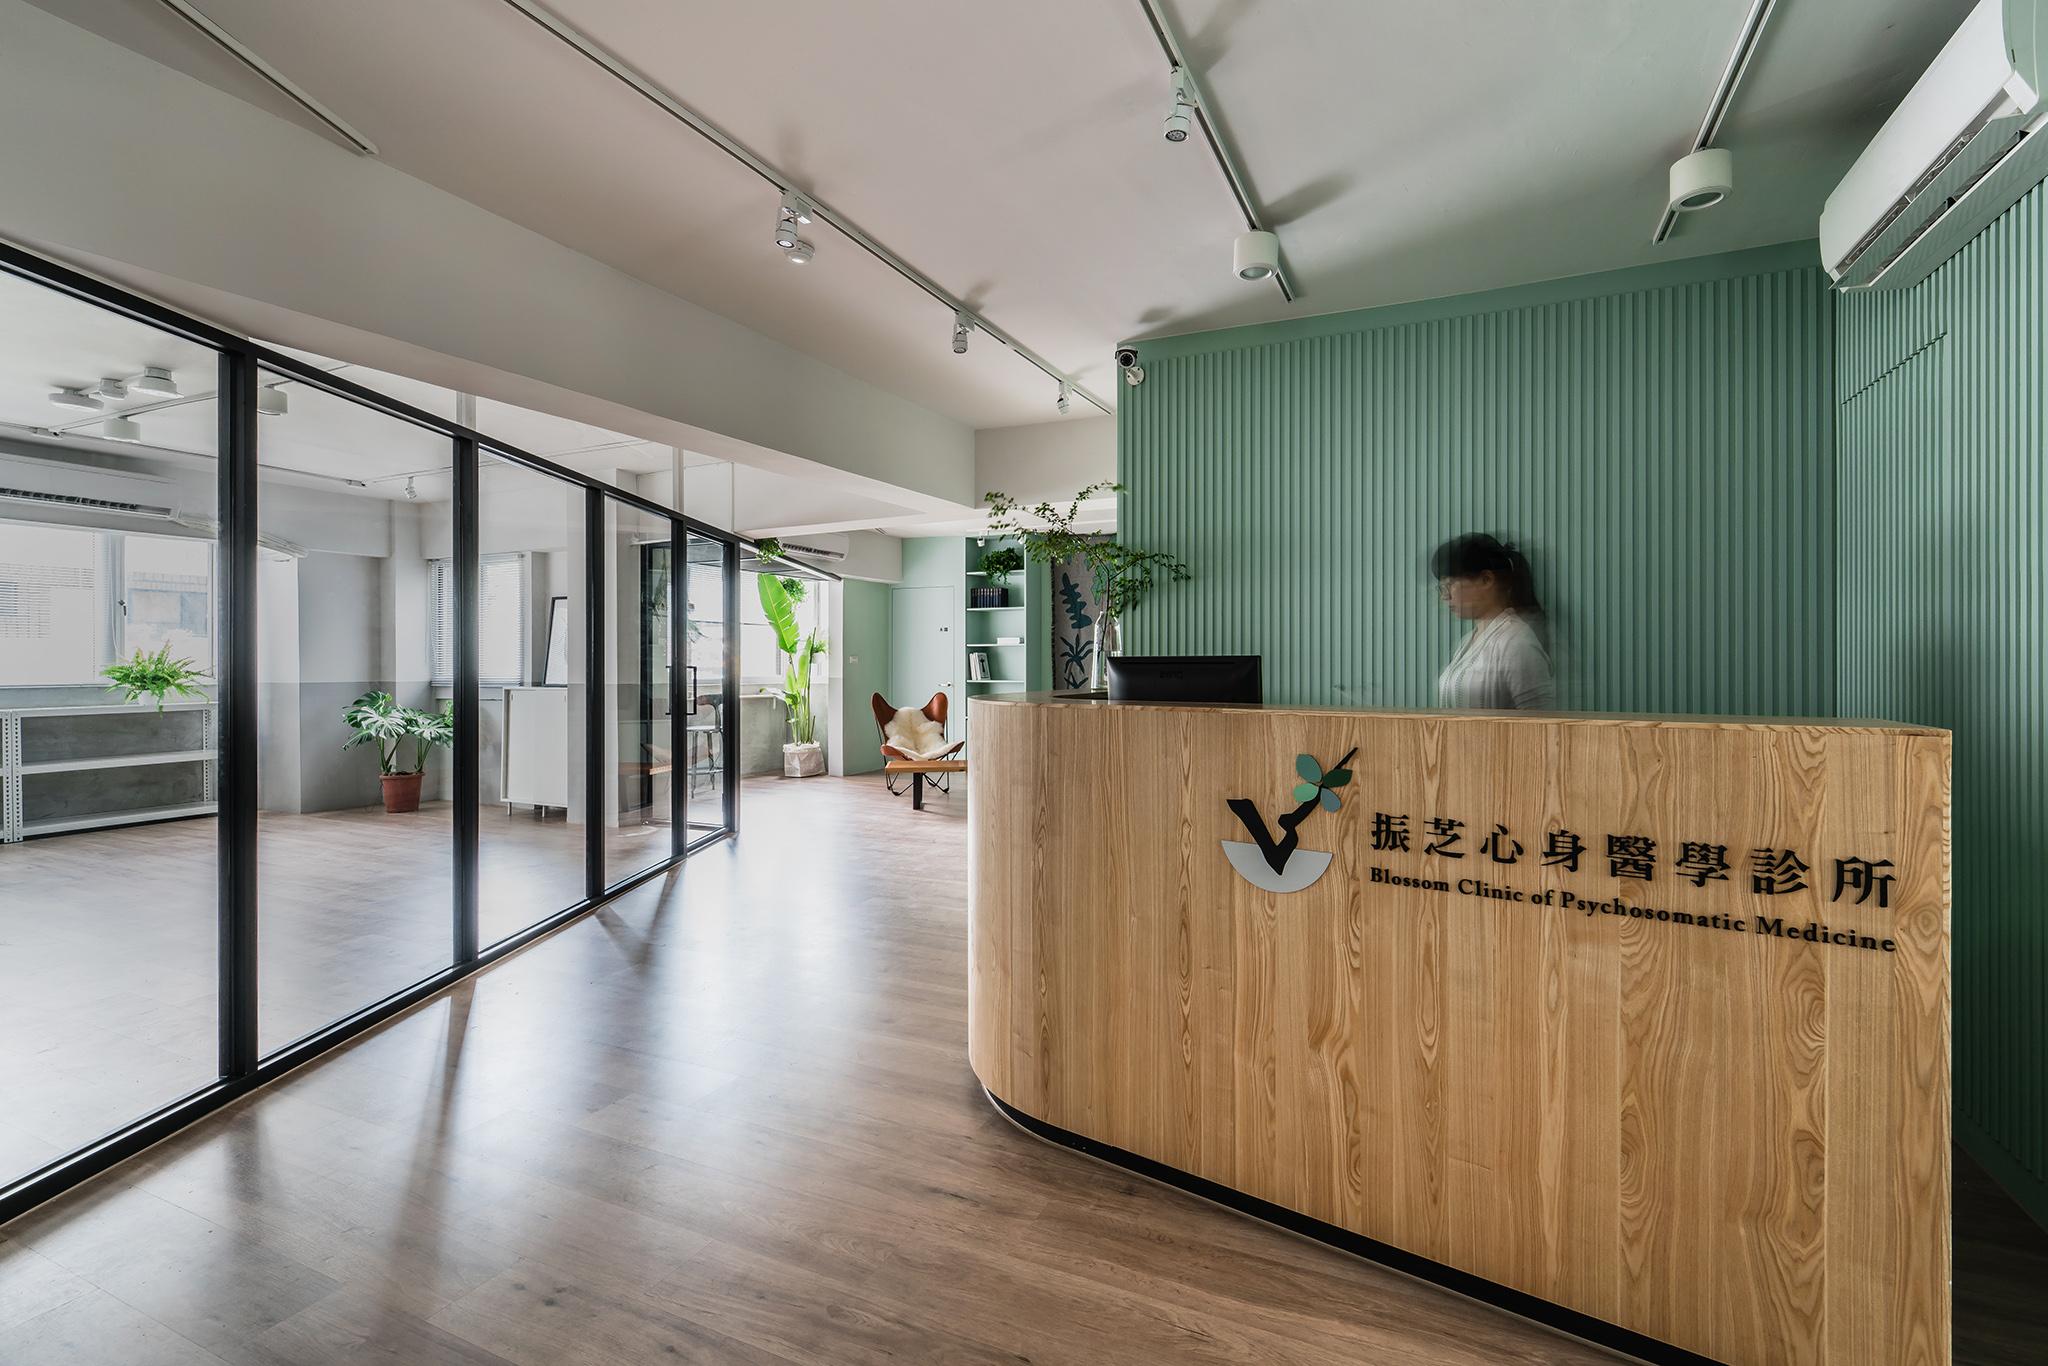 [空間攝影]振芝心身醫學診所  ST design studio